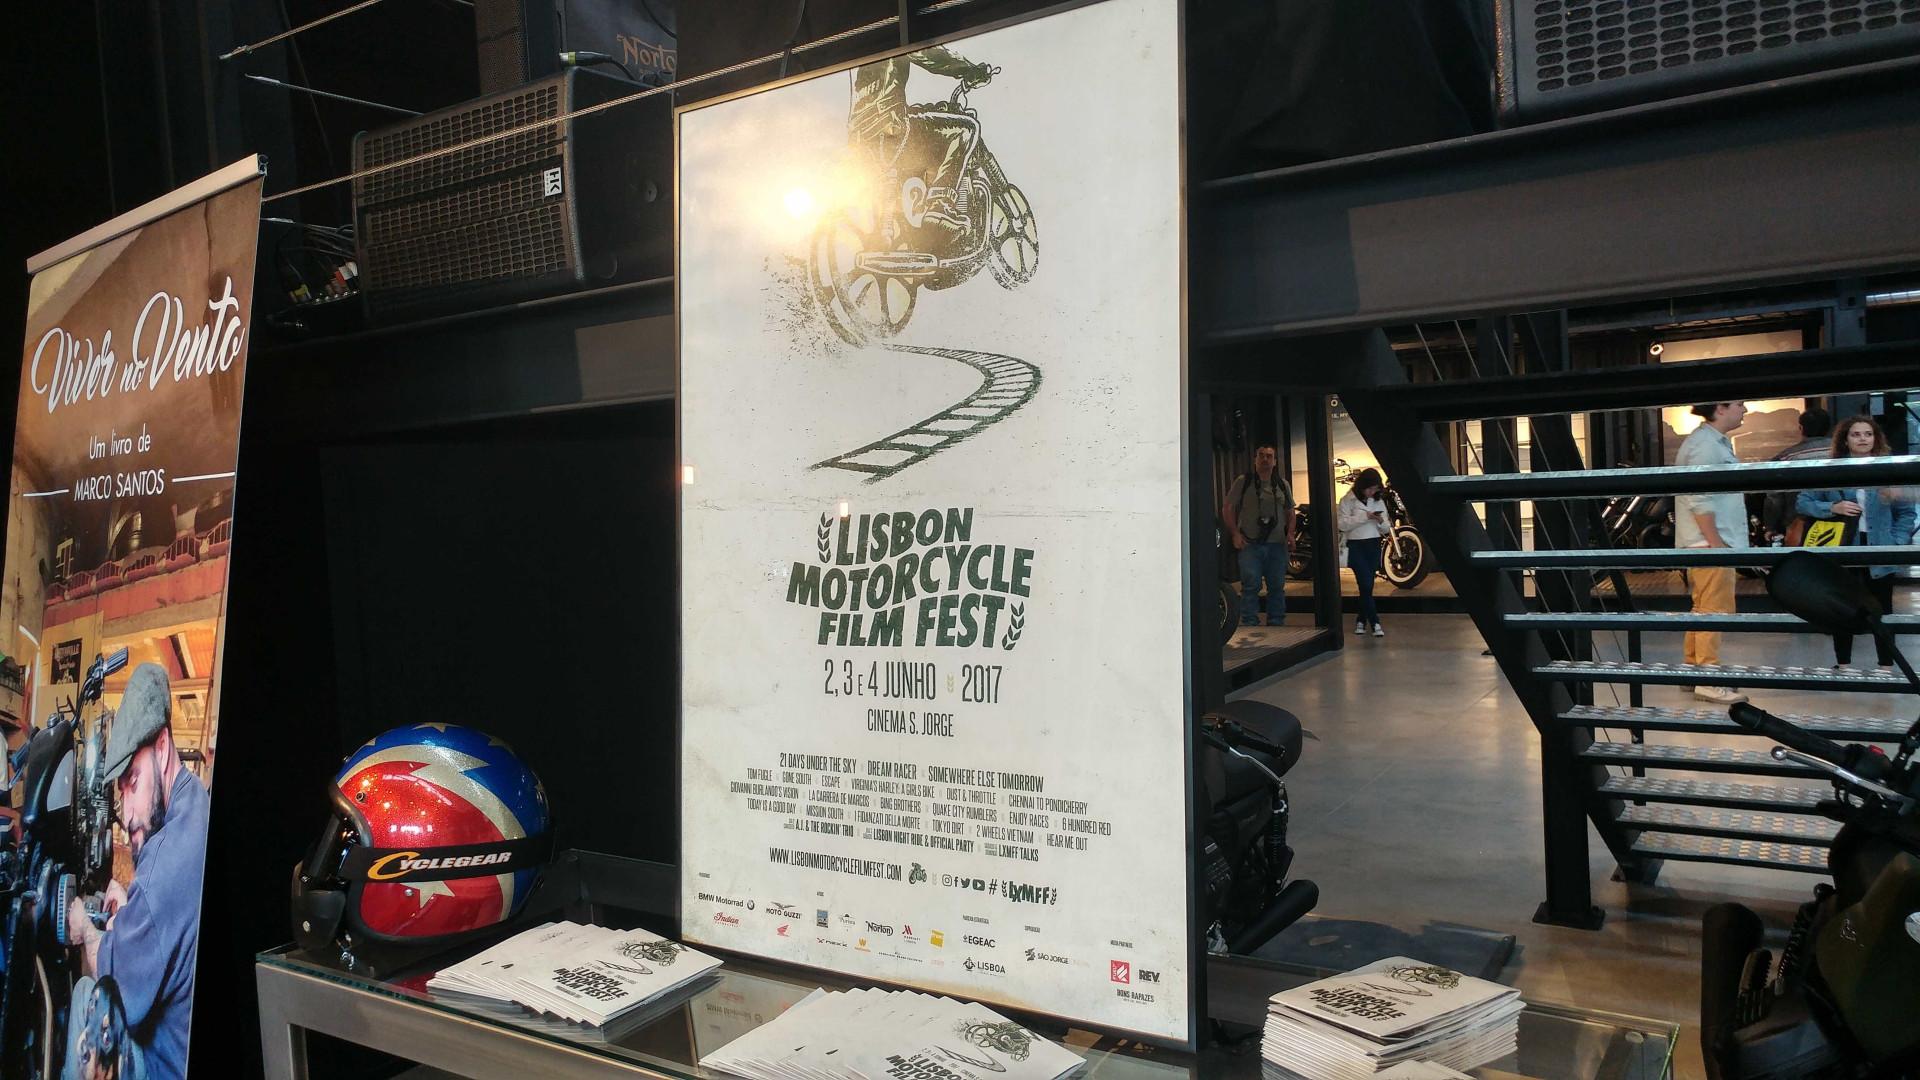 As duas rodas chegam ao São Jorge com o Motorcycle Film Fest